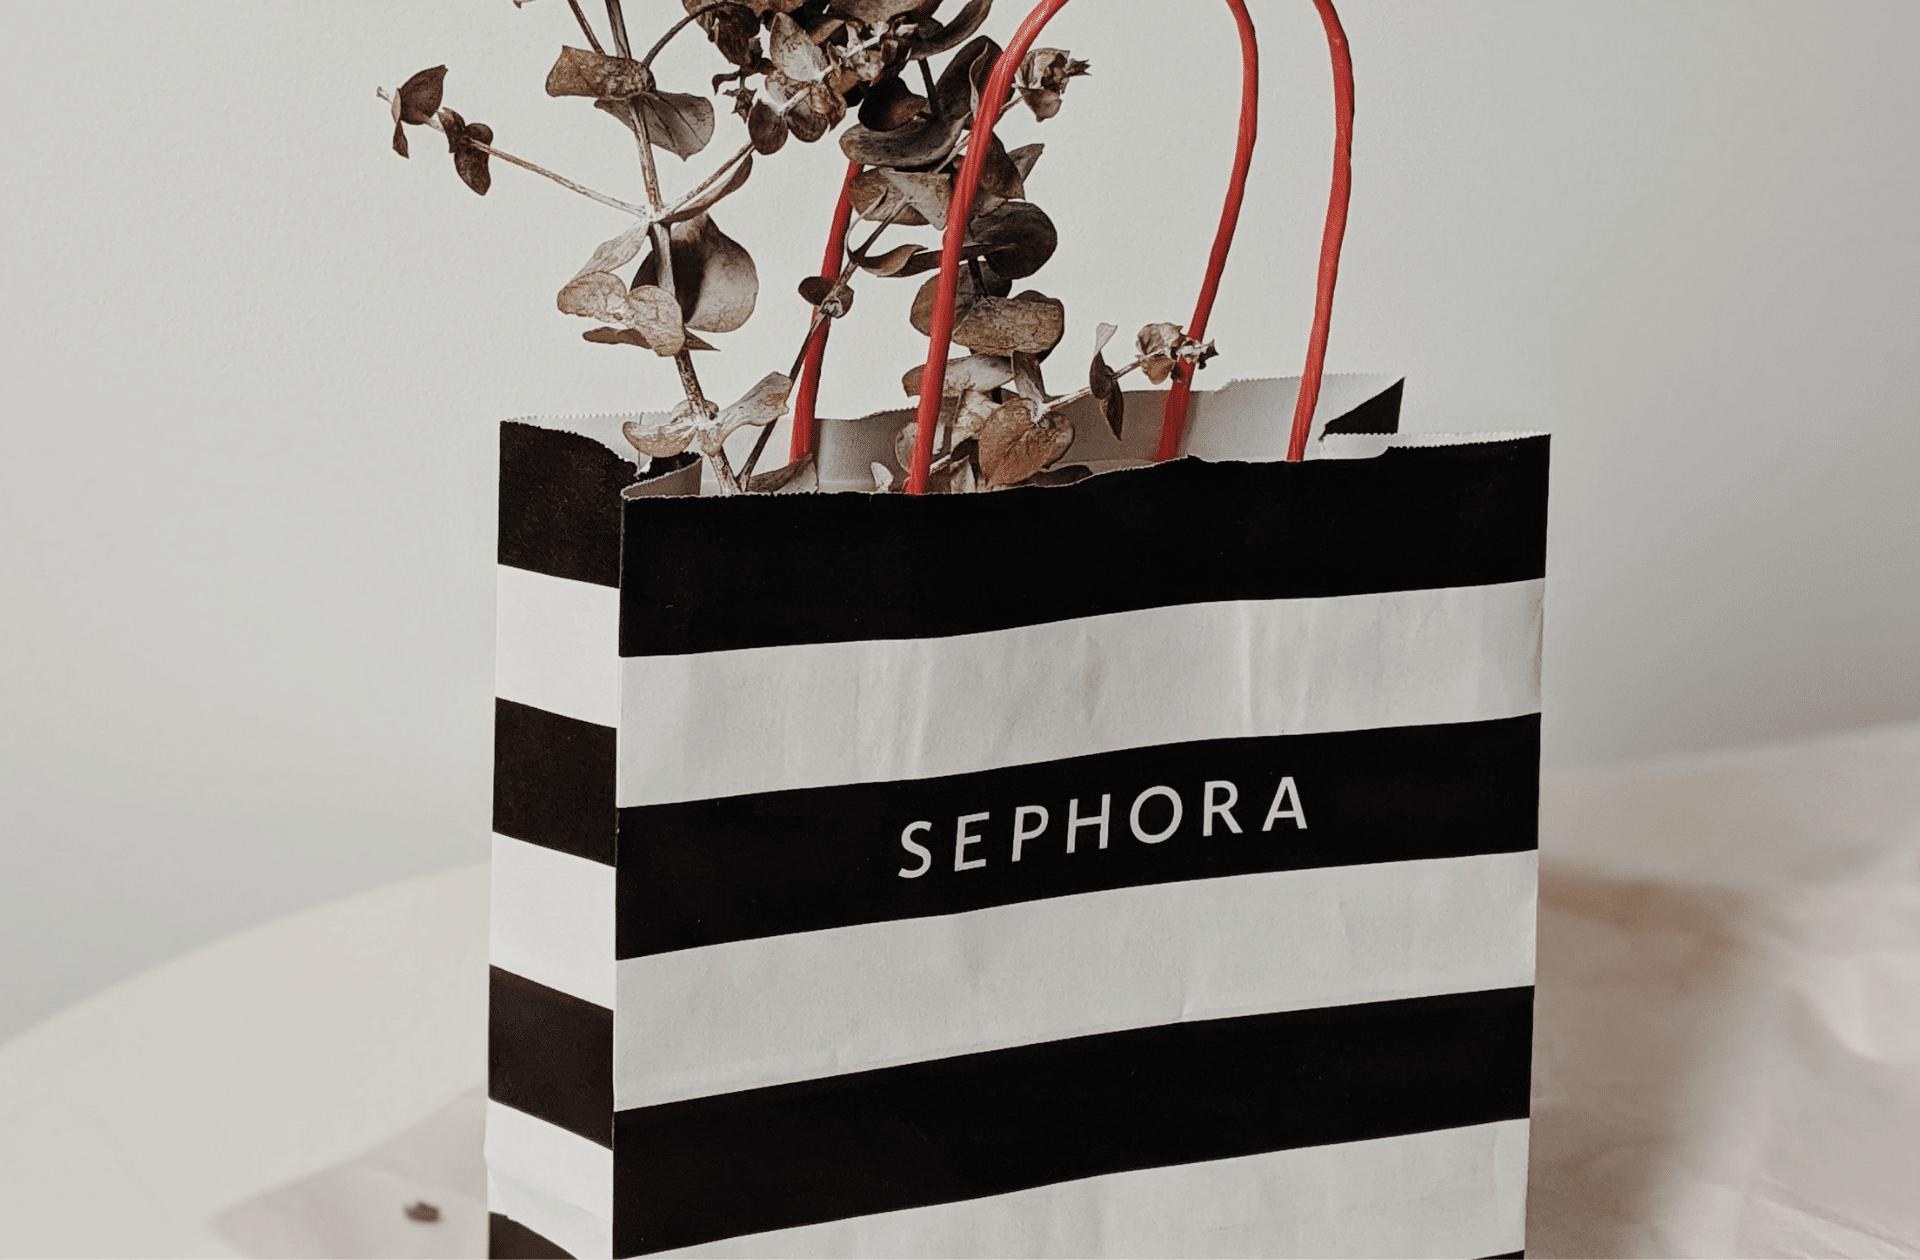 Les vigiles des Sephora vont-ils enfin arrêter de suivre les personnes racisées dans les allées?